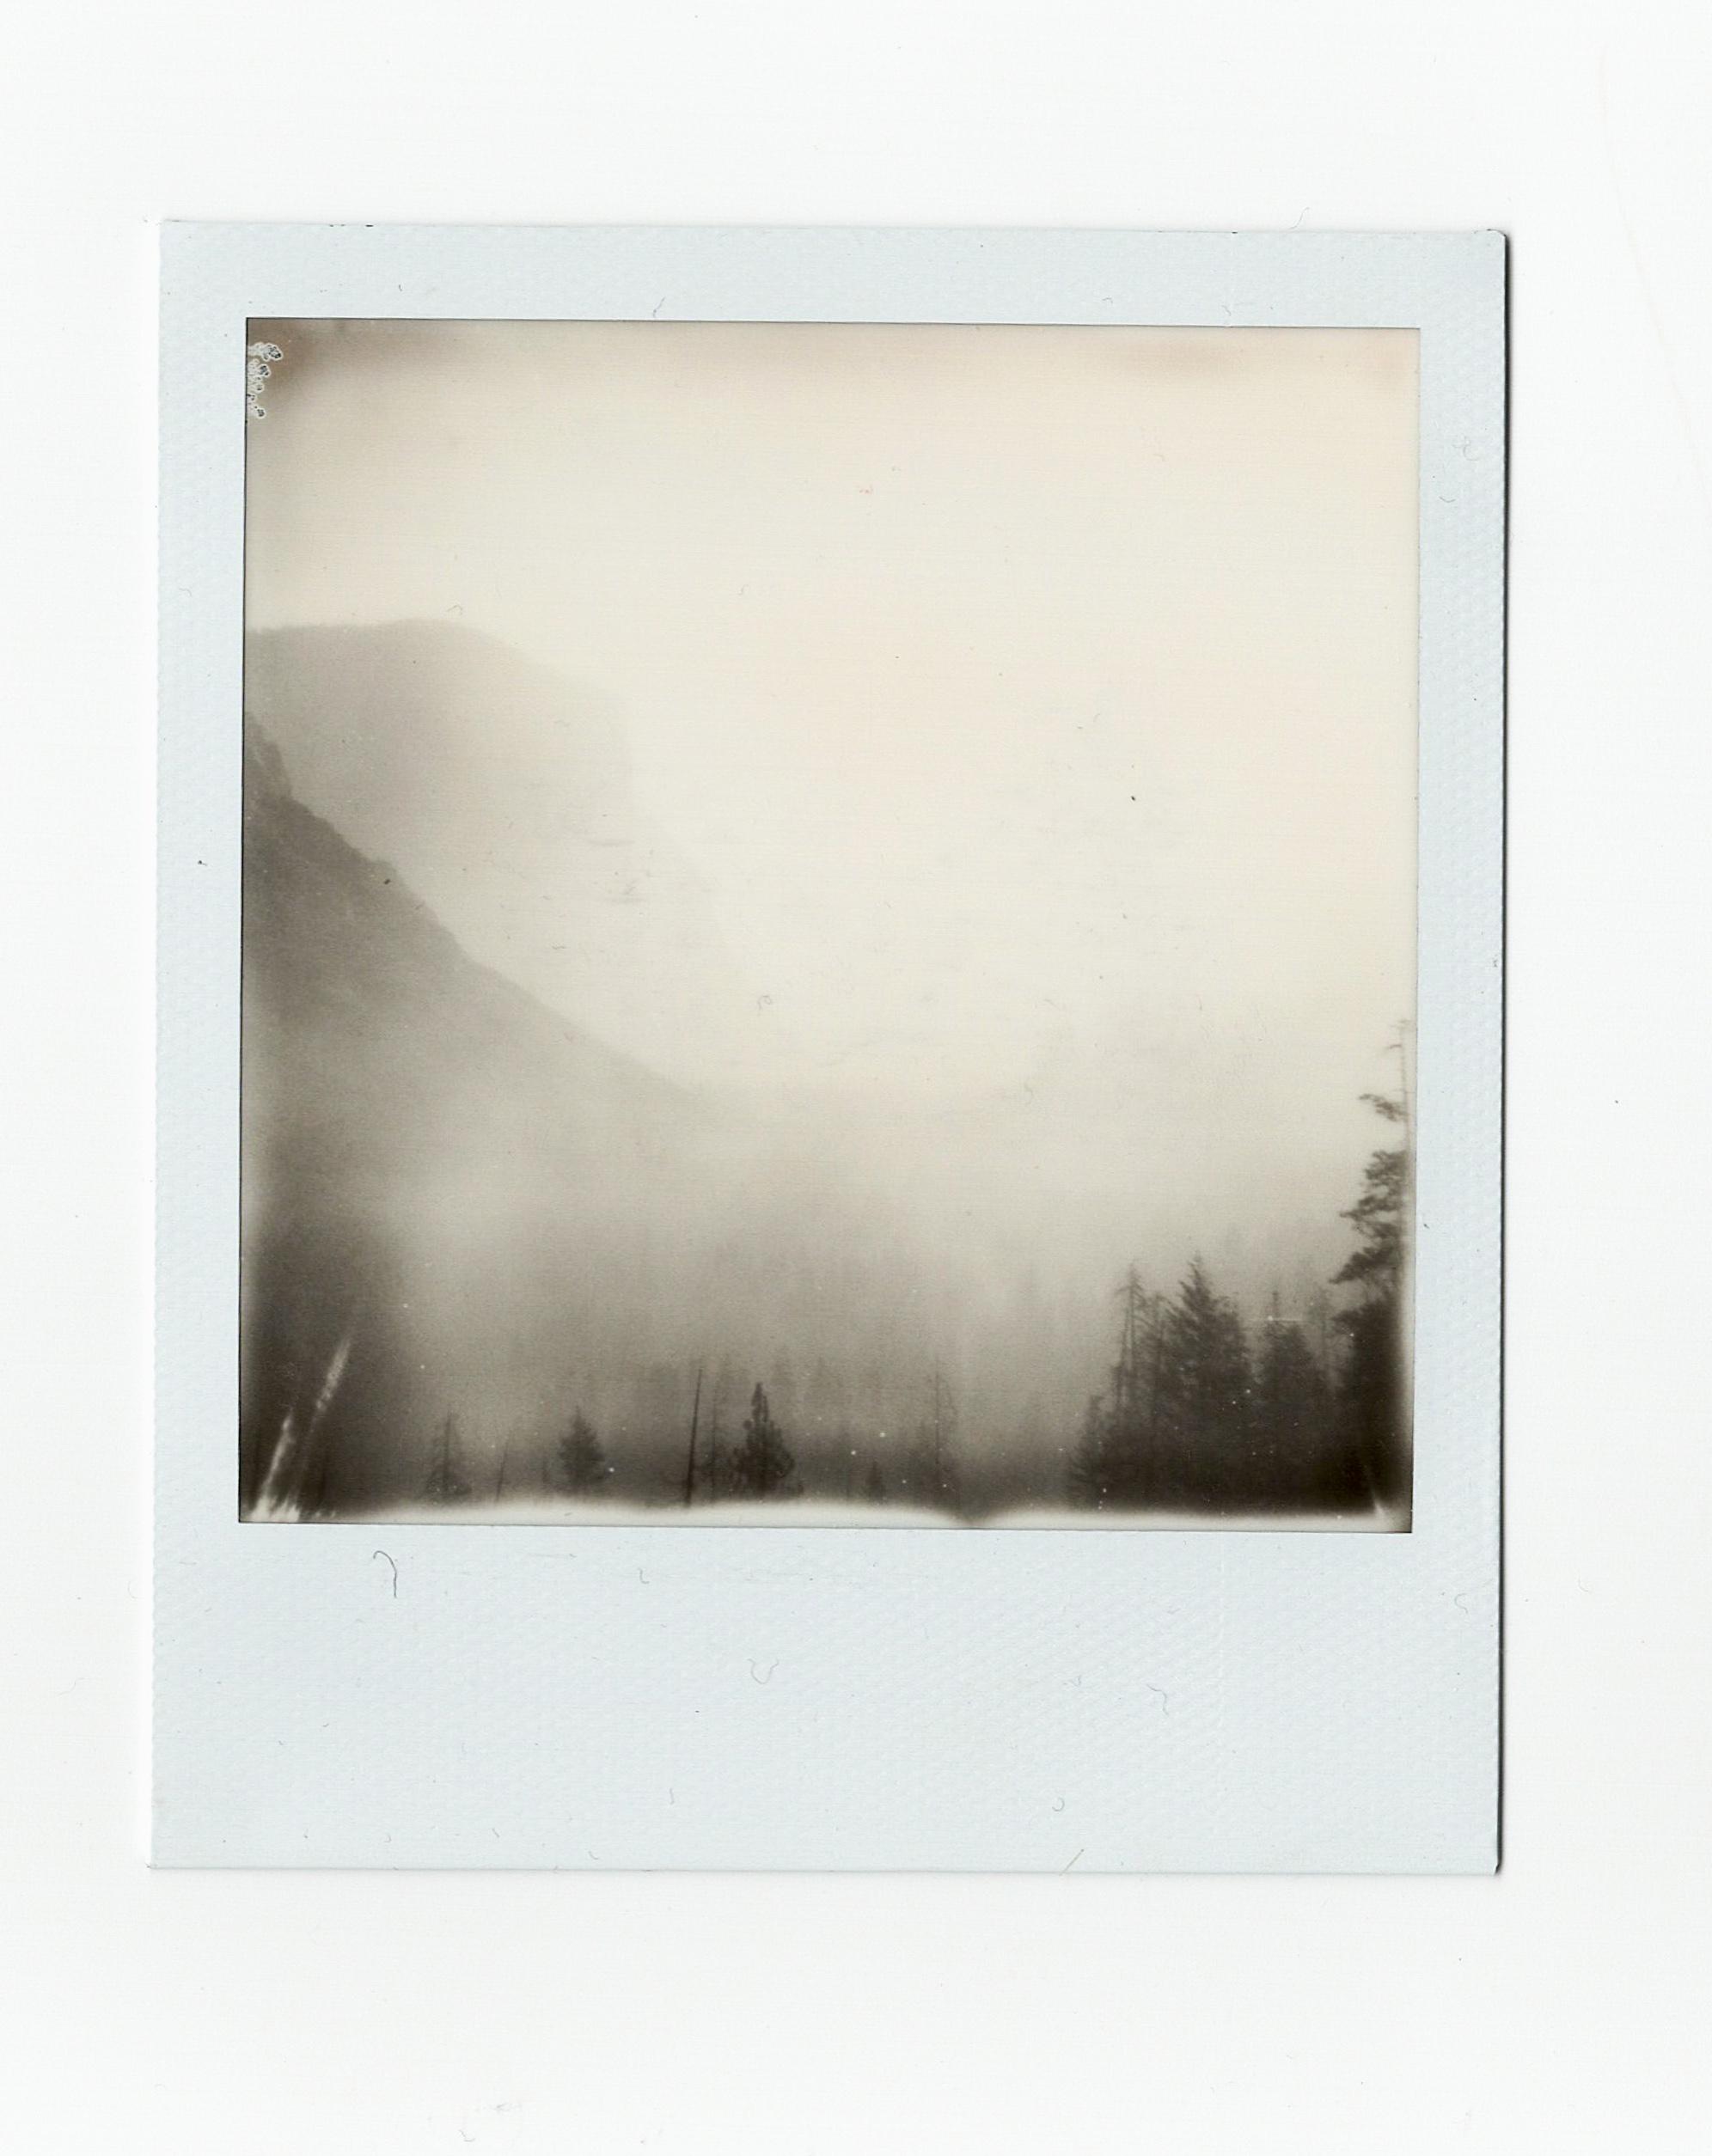 Yosemite17 (13 of 16).jpg